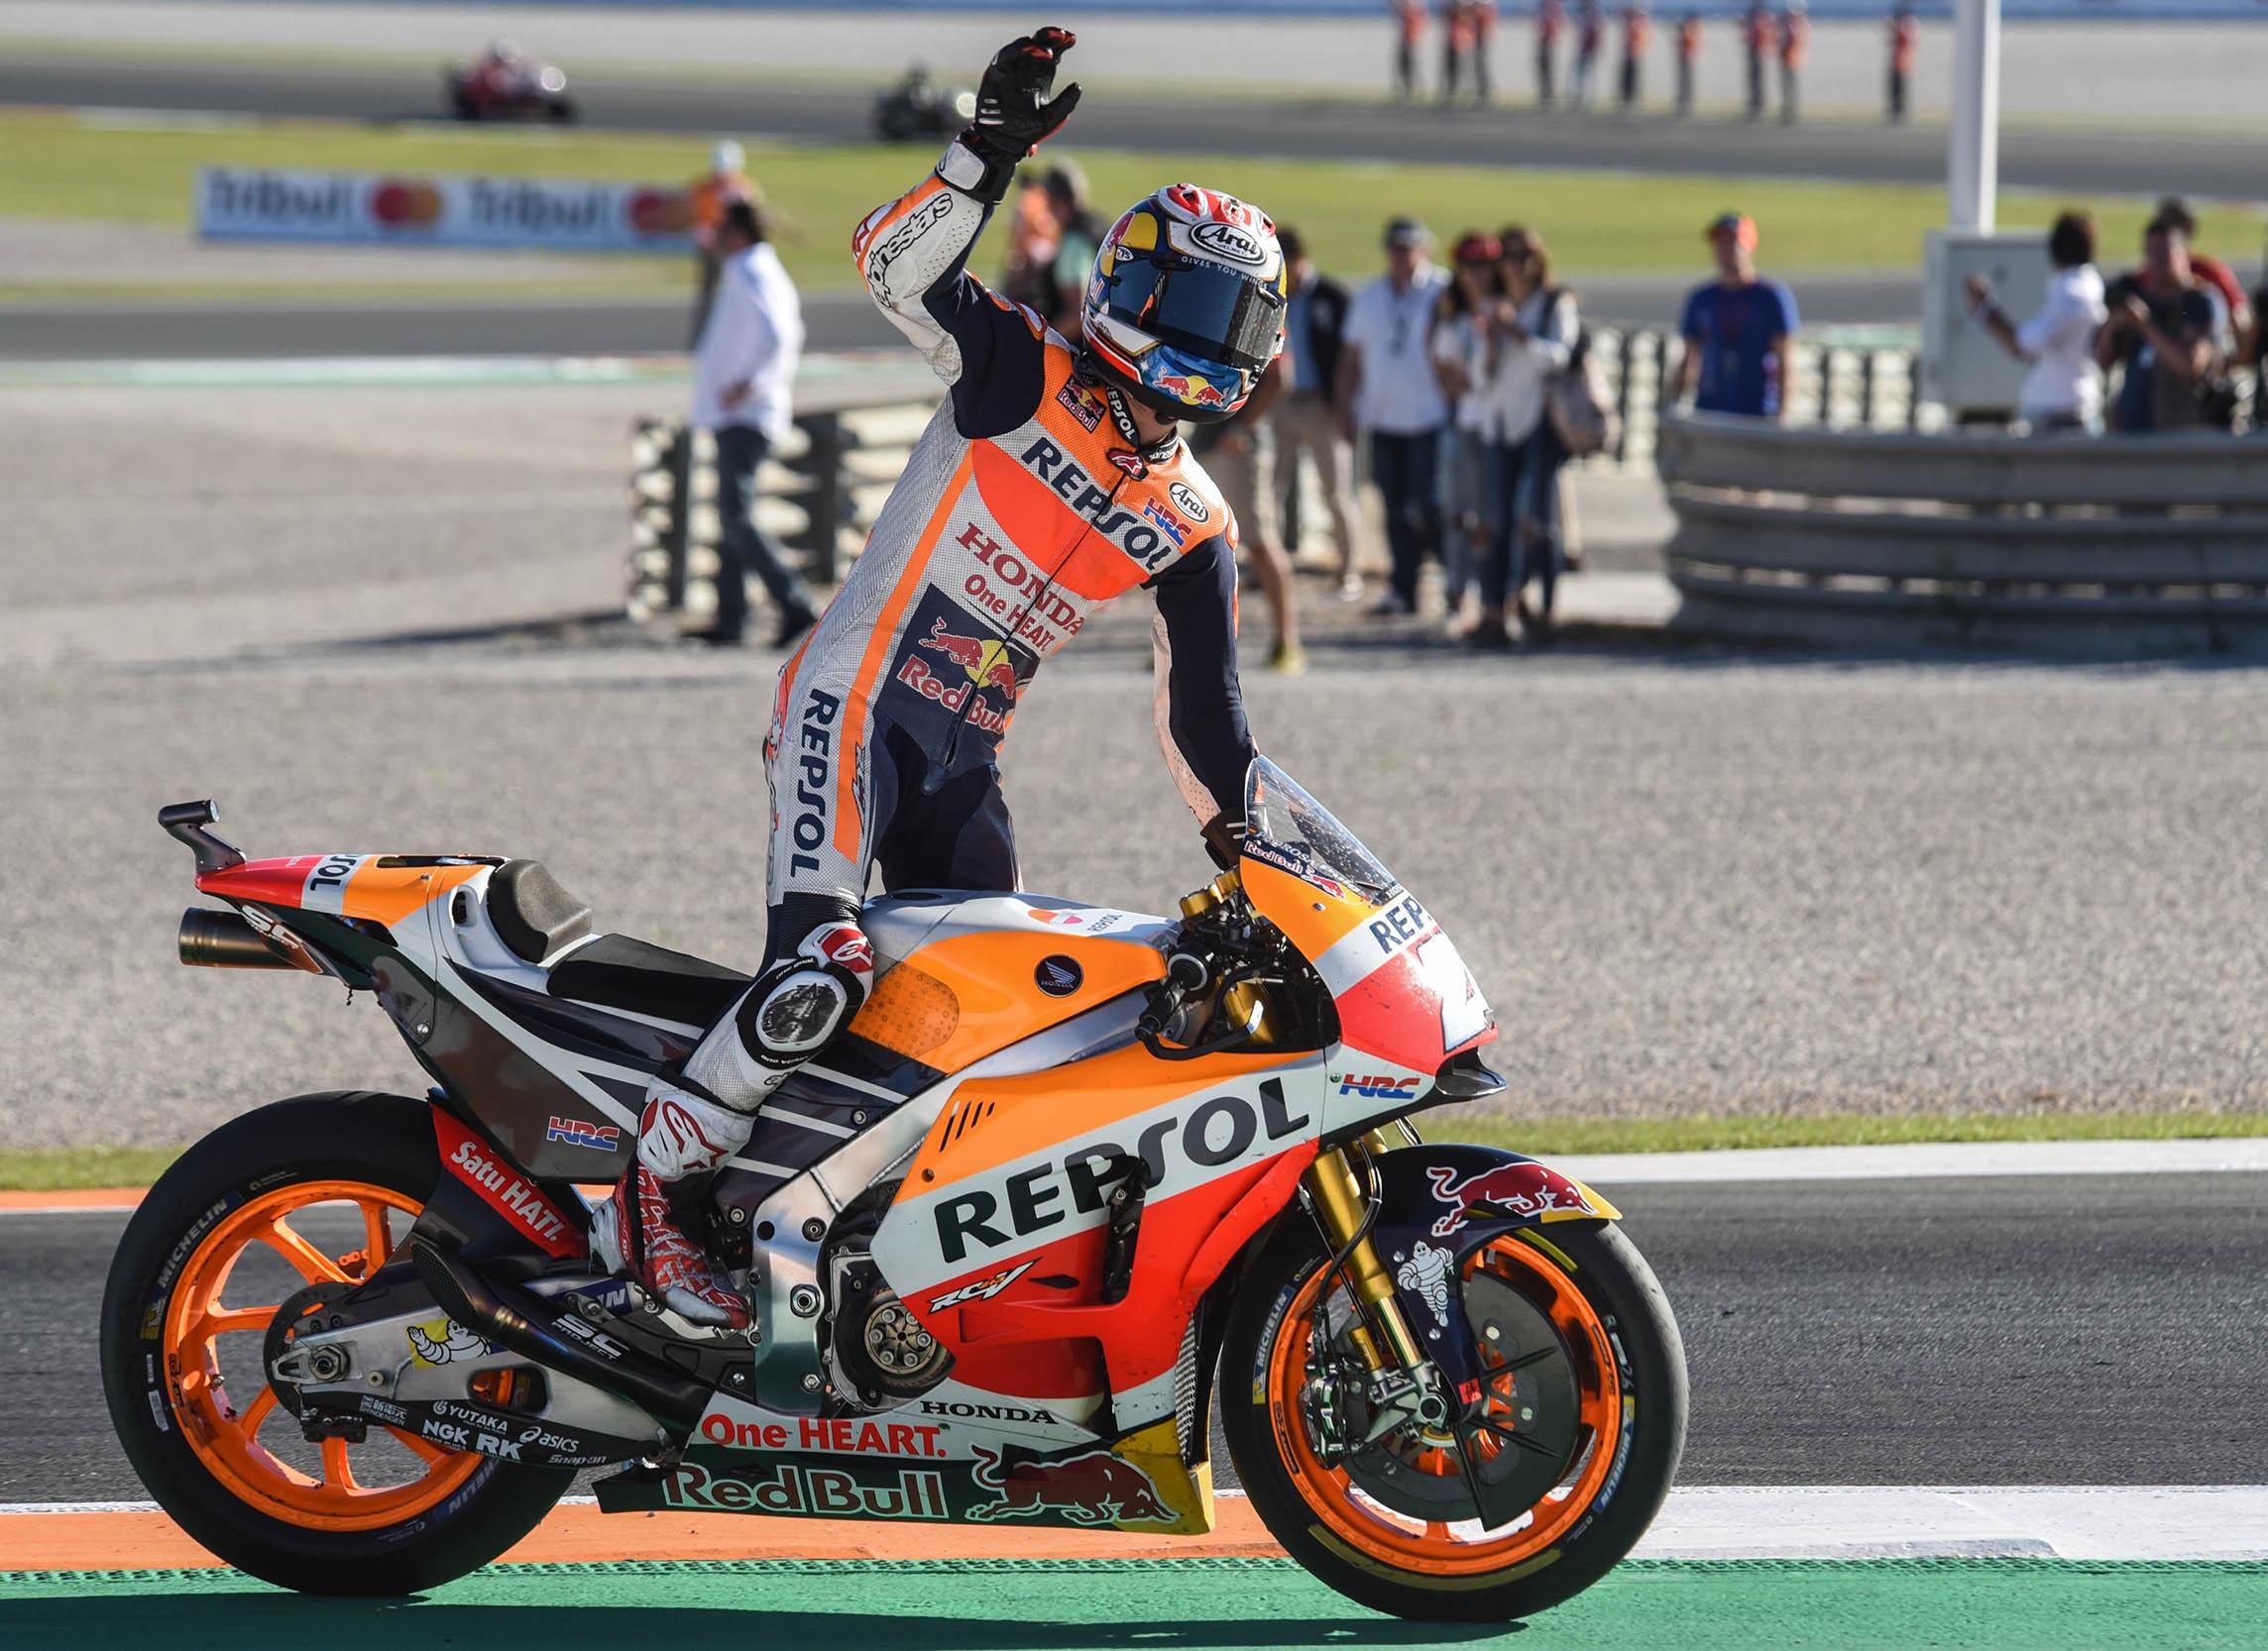 Dani Pedrosa celebra su triunfo en el GP de la Comunitat Valenciana que ha acogido el Circuit Ricardo Tormo de Cheste.